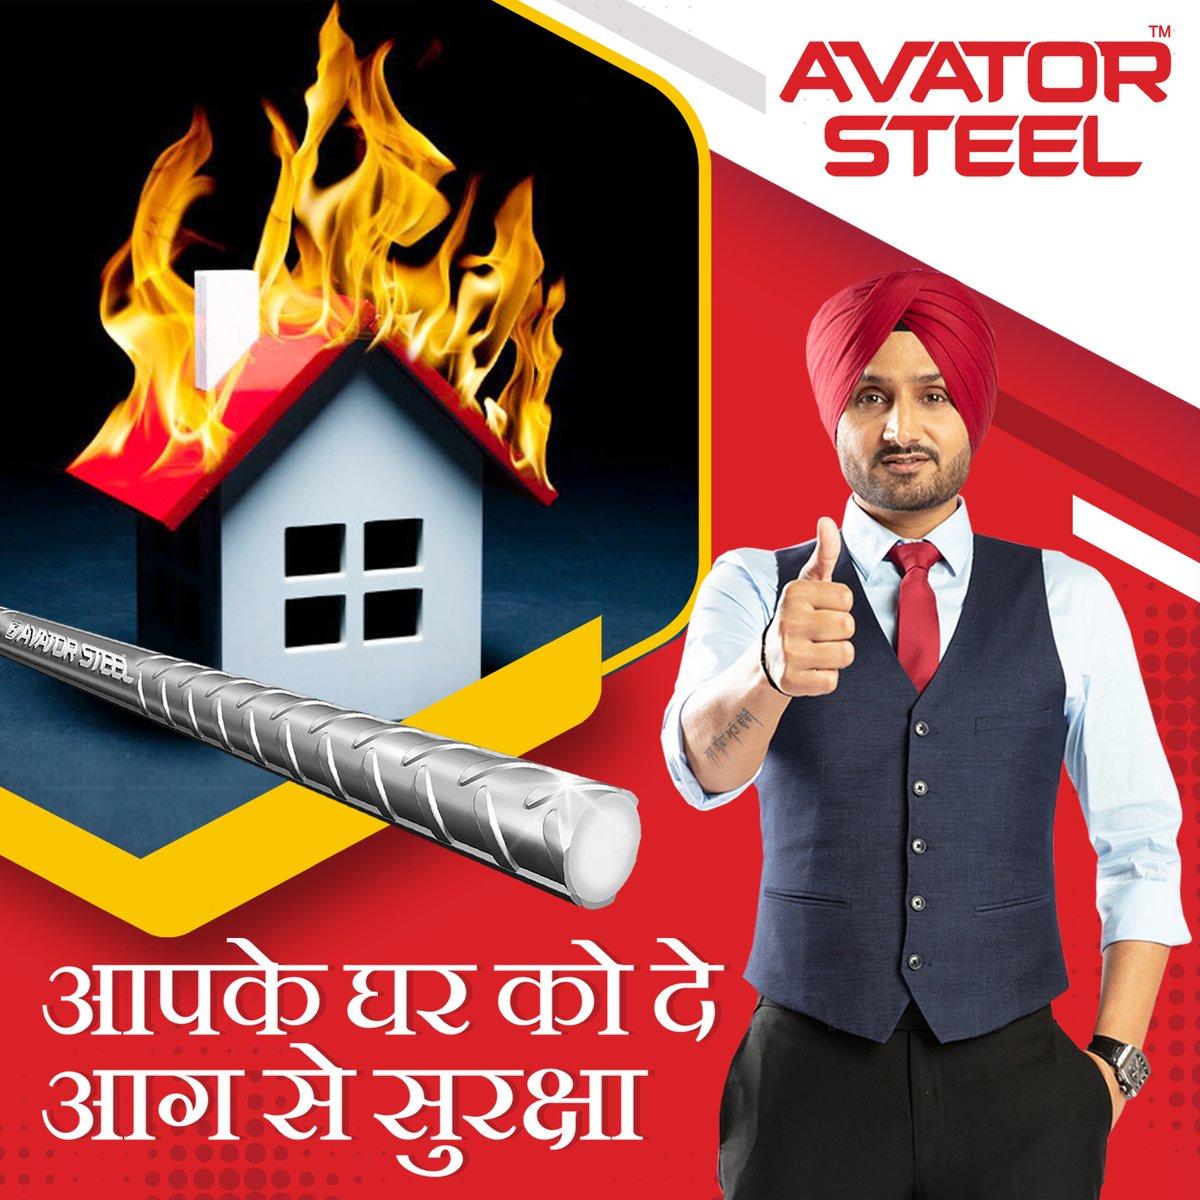 अनहोनी कभी भी घट सकती हैं, इसीलिए घर बनाते वक़्त #AvatorSteel ही चुनें ताकि आपके घर का बुनियाद रहे सुरक्षित साल दर साल।  @harbhajan_singh